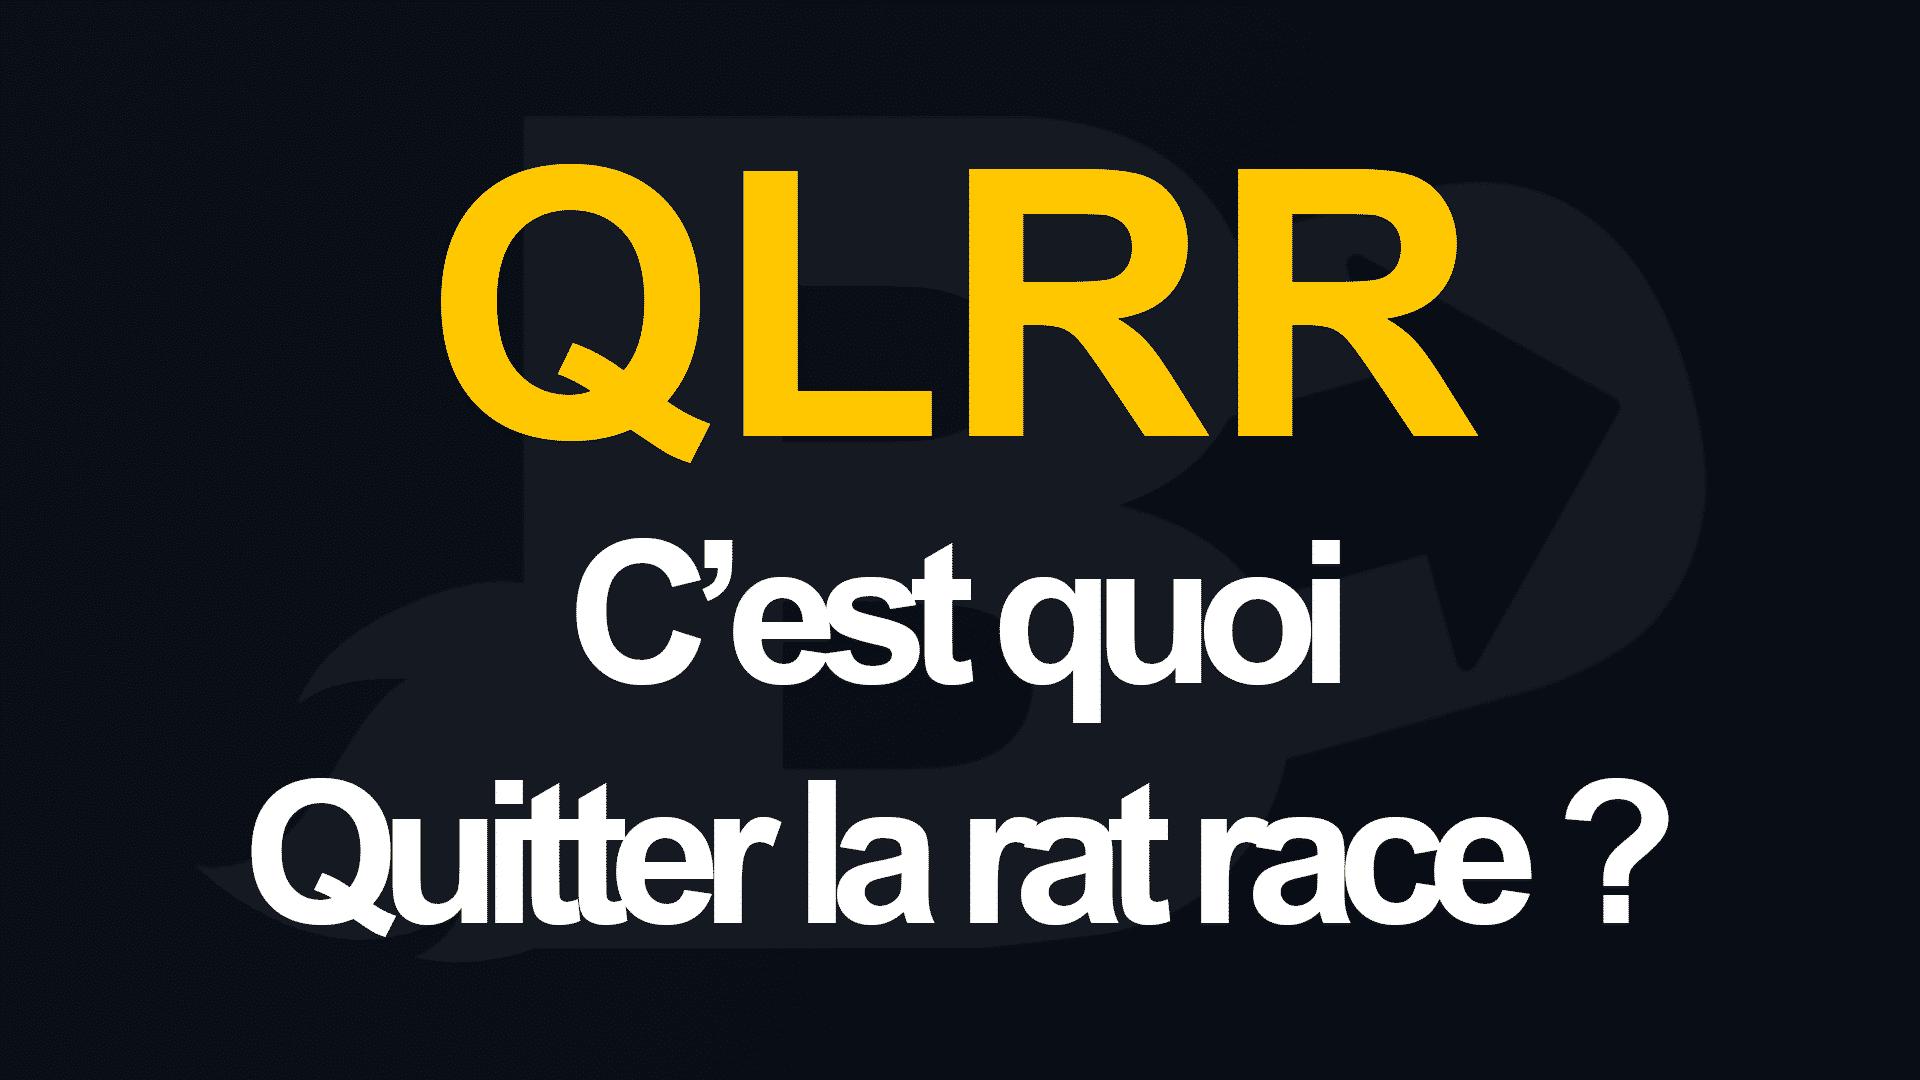 """QLRR veut dire par définition """"quitter la rat race"""", on observe cette mention en orange ou jaune sur un fond noir unifié."""